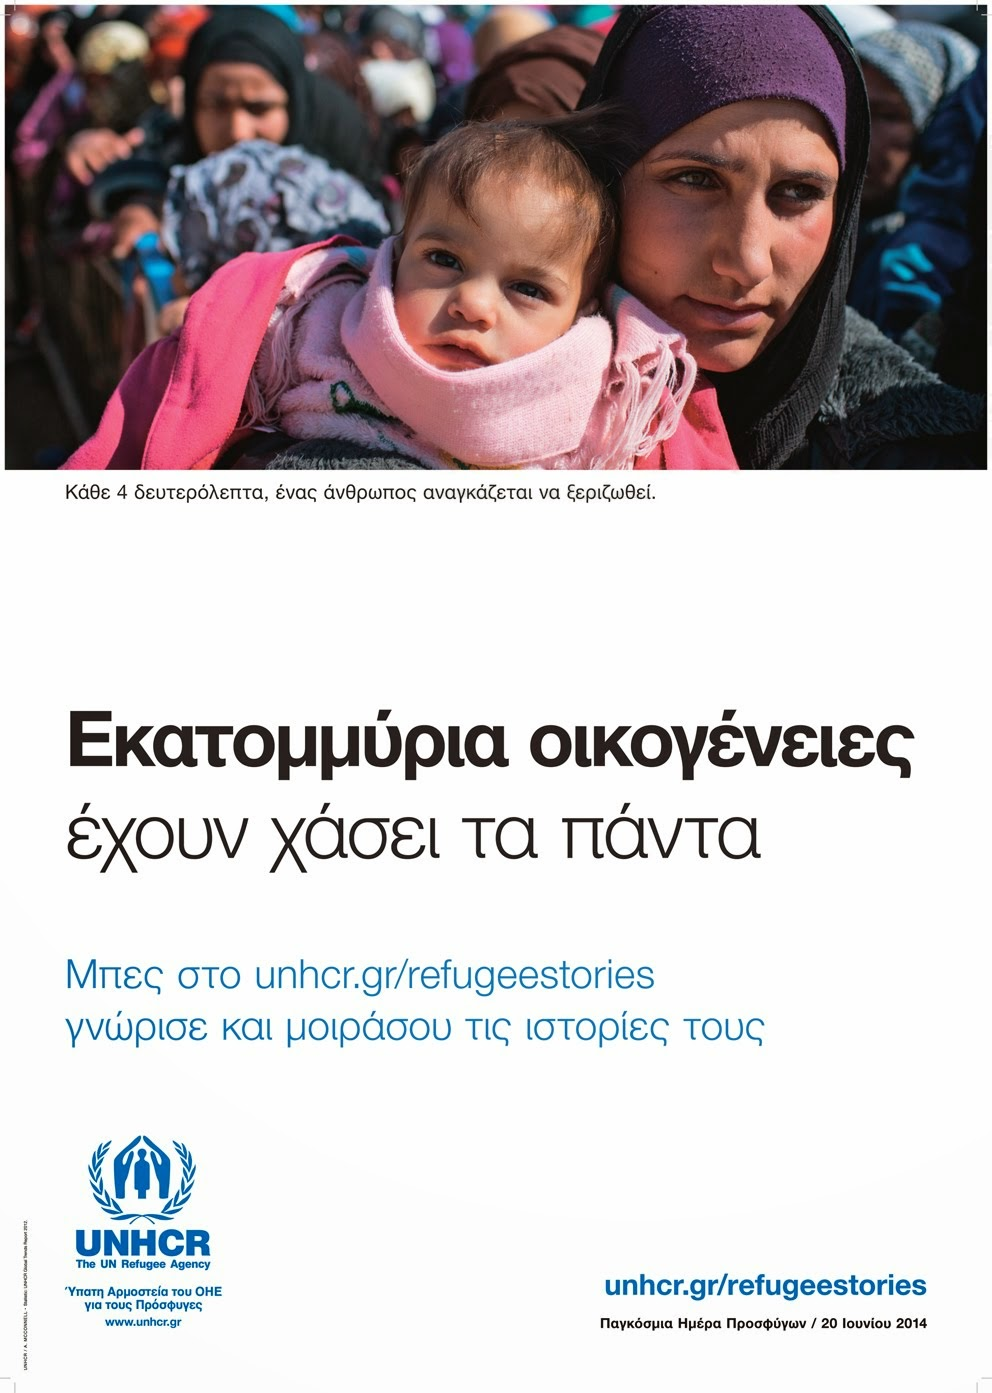 Ύπατη Αρμοστεία στην Ελλάδα - Παγκόσμια Ημέρα Προσφύγων 2014 - Γνωριστέ και διαδώστε μια ιστορία